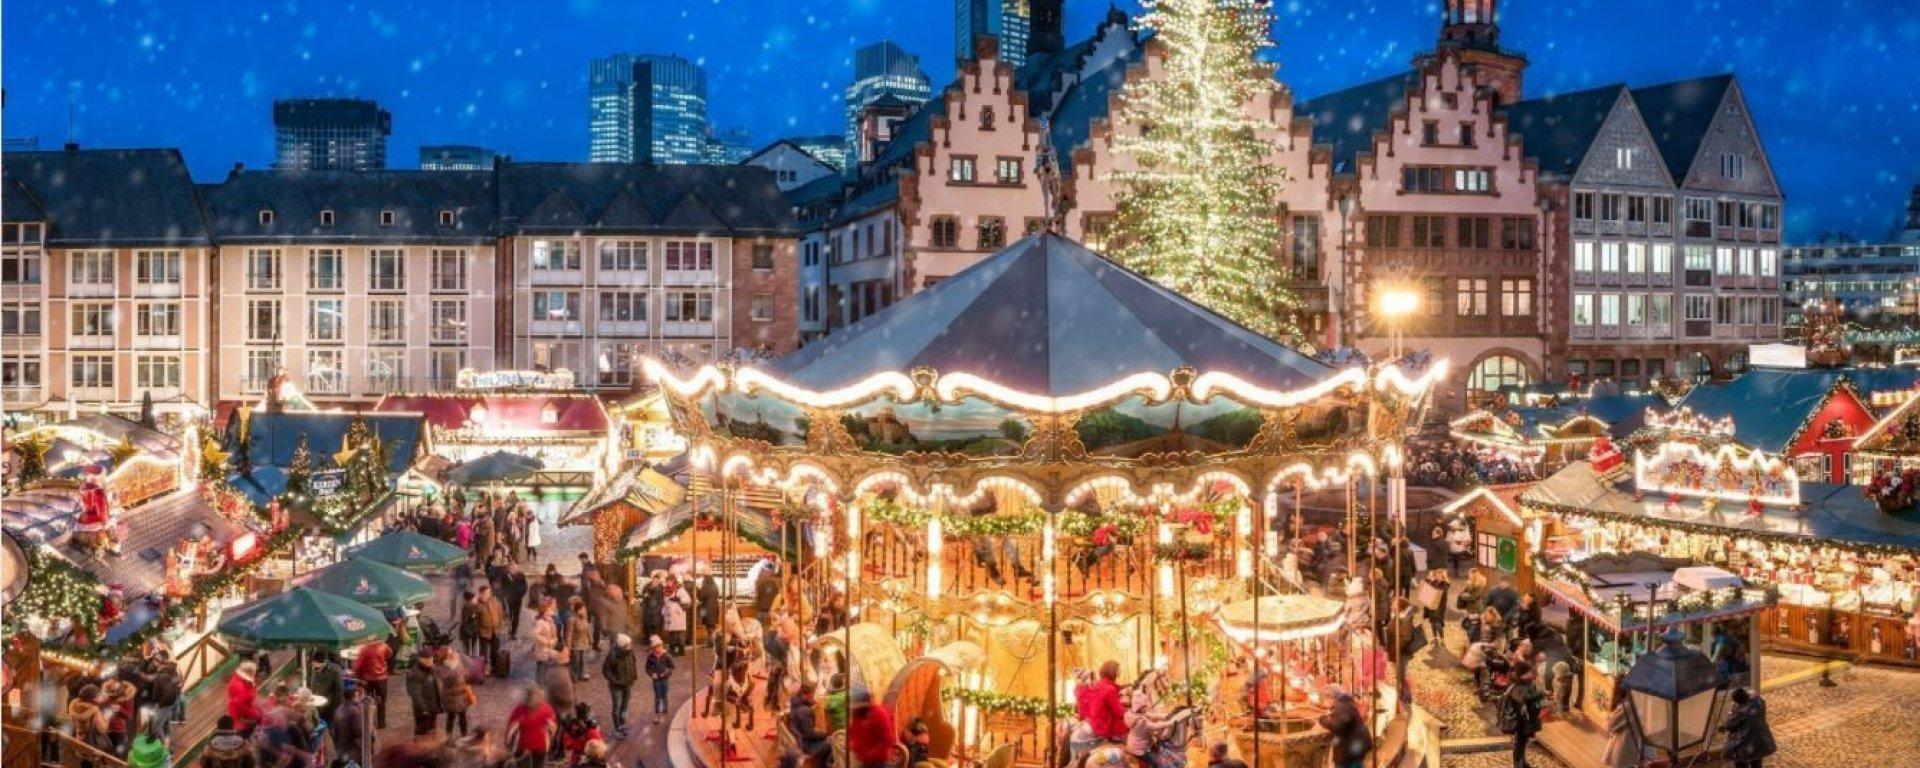 Magiczne Święta Bożego Narodzenia - Grano Apartments